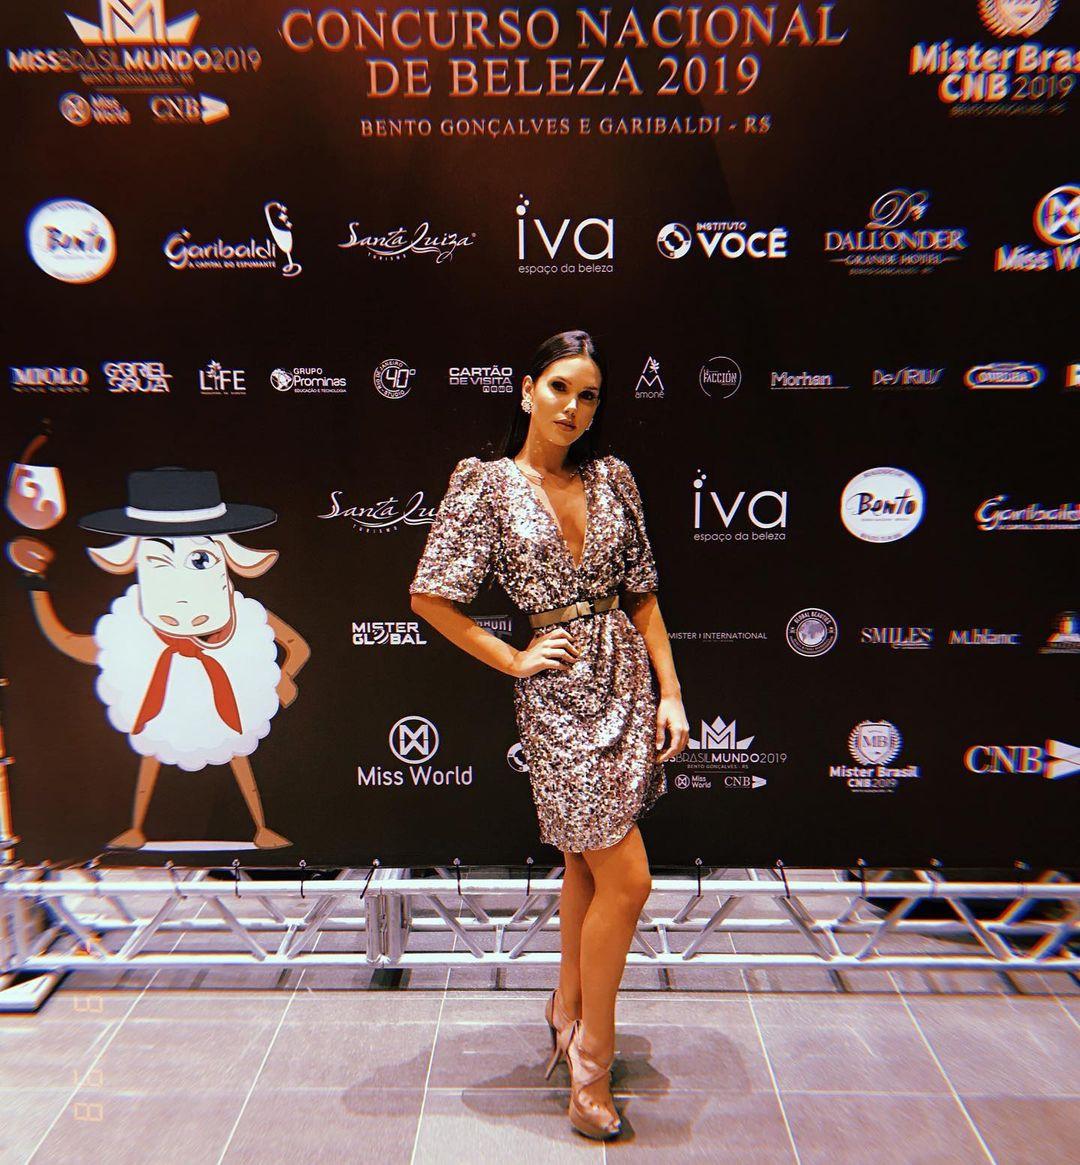 larissa aragao, top 20 de miss brasil mundo 2019/miss paraiba universo 2017. - Página 13 Bouub210